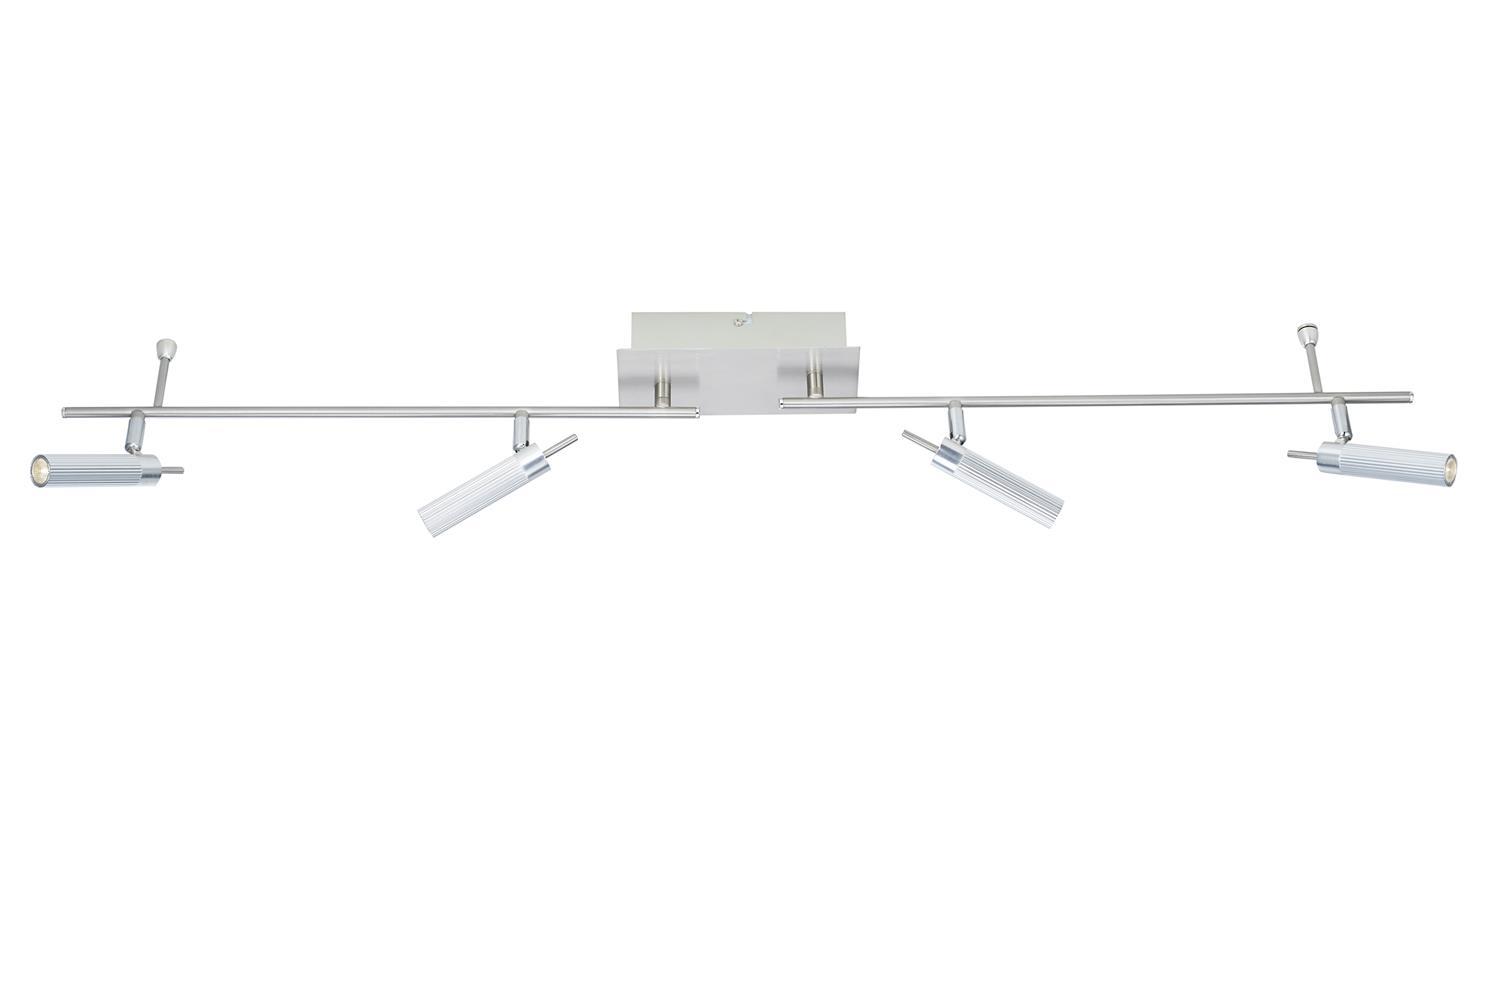 Dar ARN8468 Arno LED 4 light bar spotlight in satin chrome